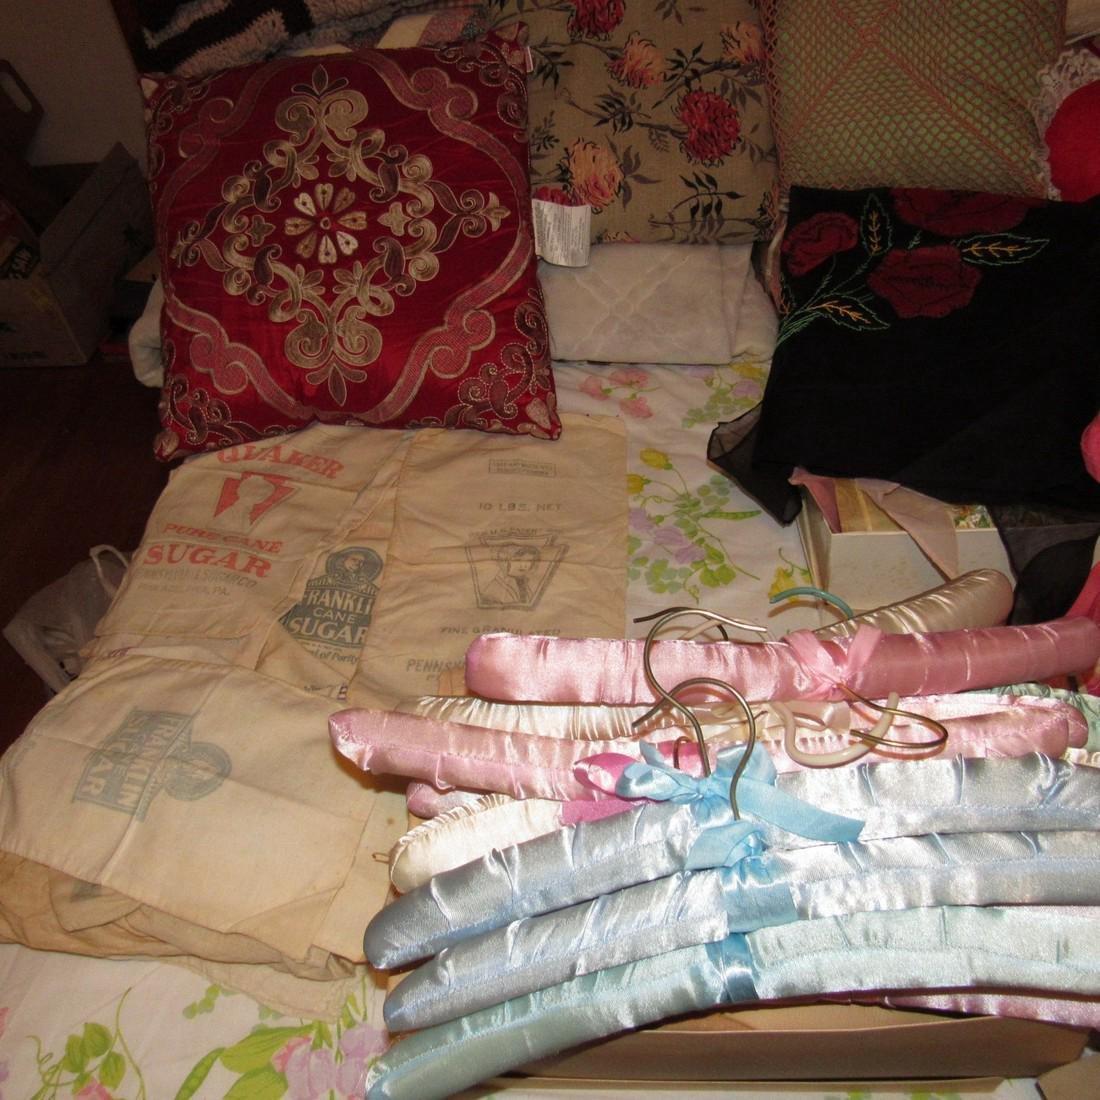 Bedspreads Pillows Blankets Doilies Hangers - 5